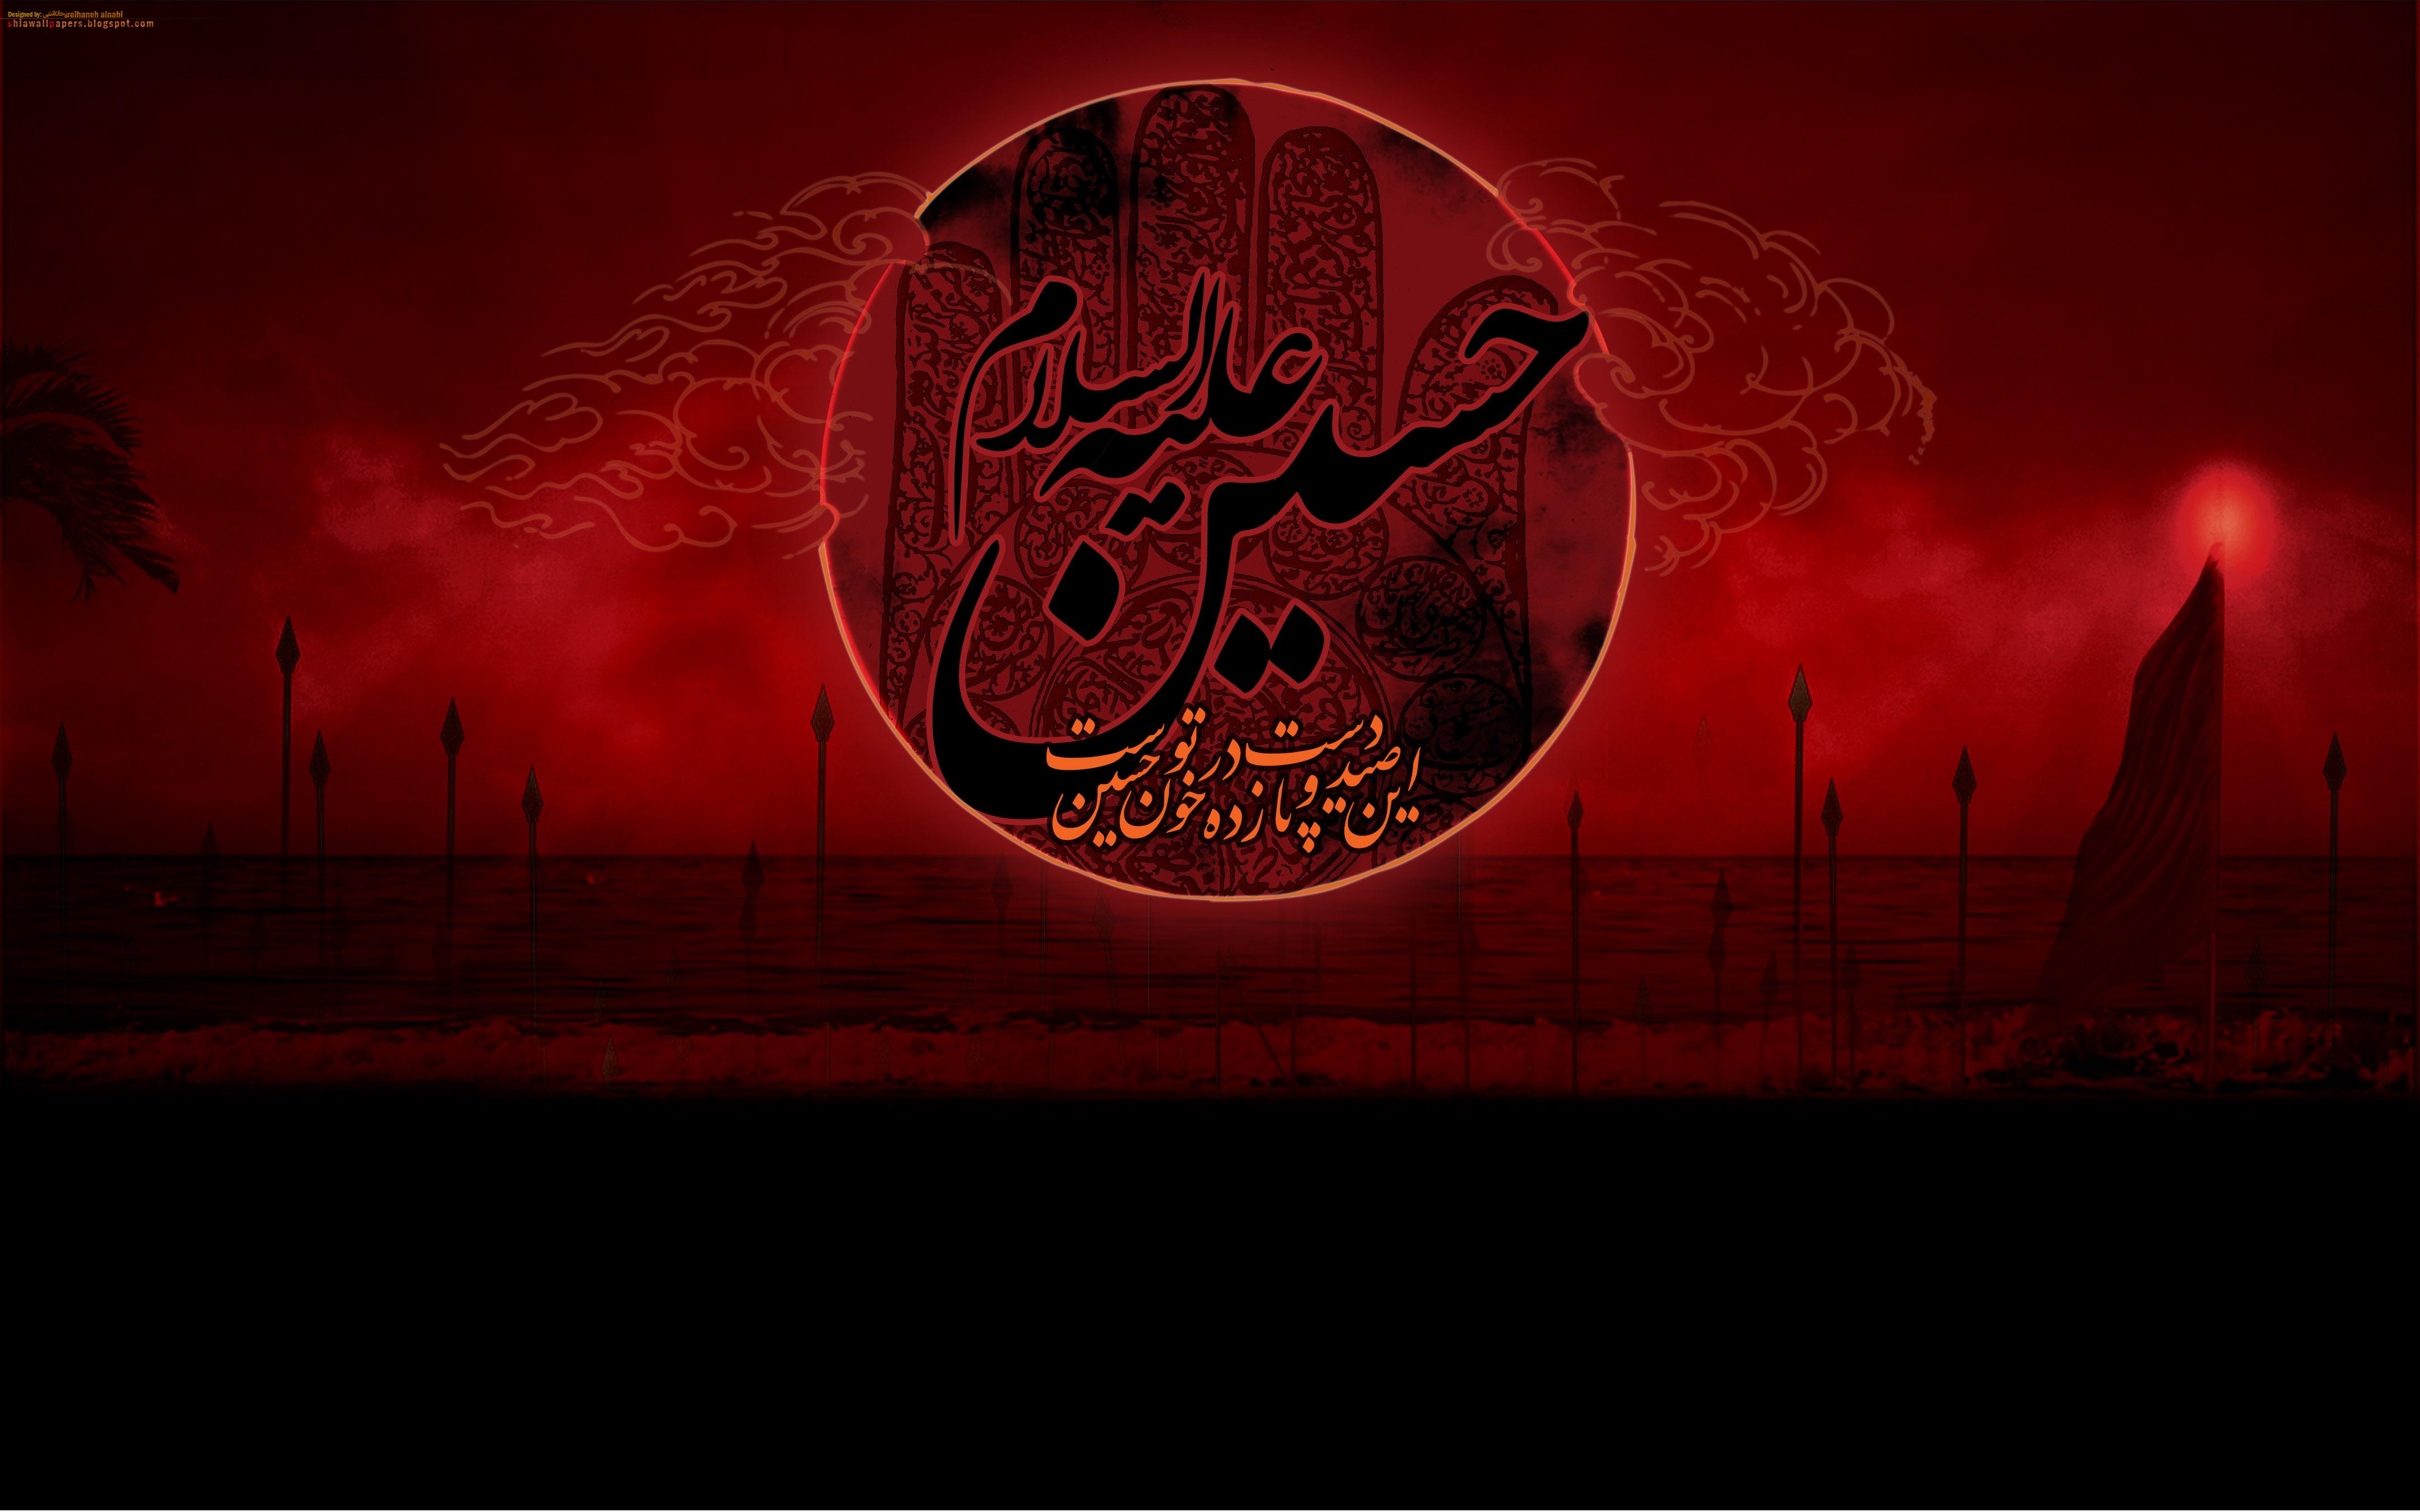 ماجرای فرد مشروب خوری که به زیارت «امام حسین علیهالسلام»رفت +فیلم